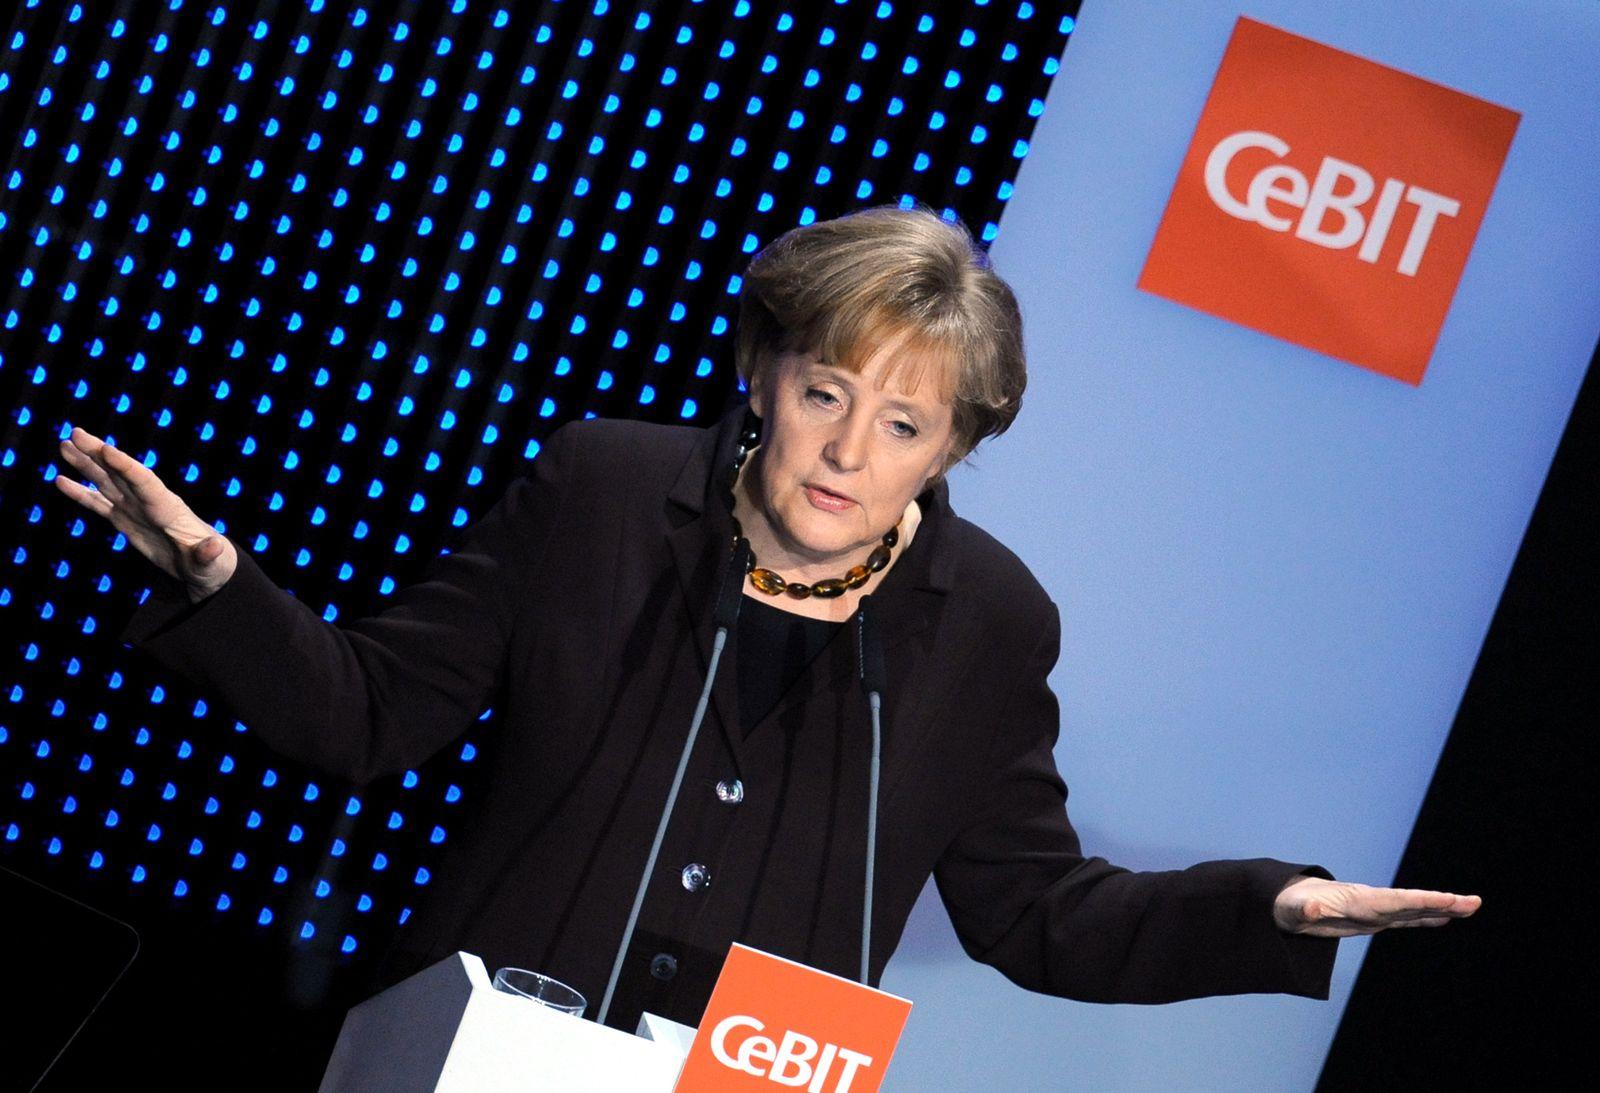 Angela Merkel CeBIT 2009 - Eröffnung